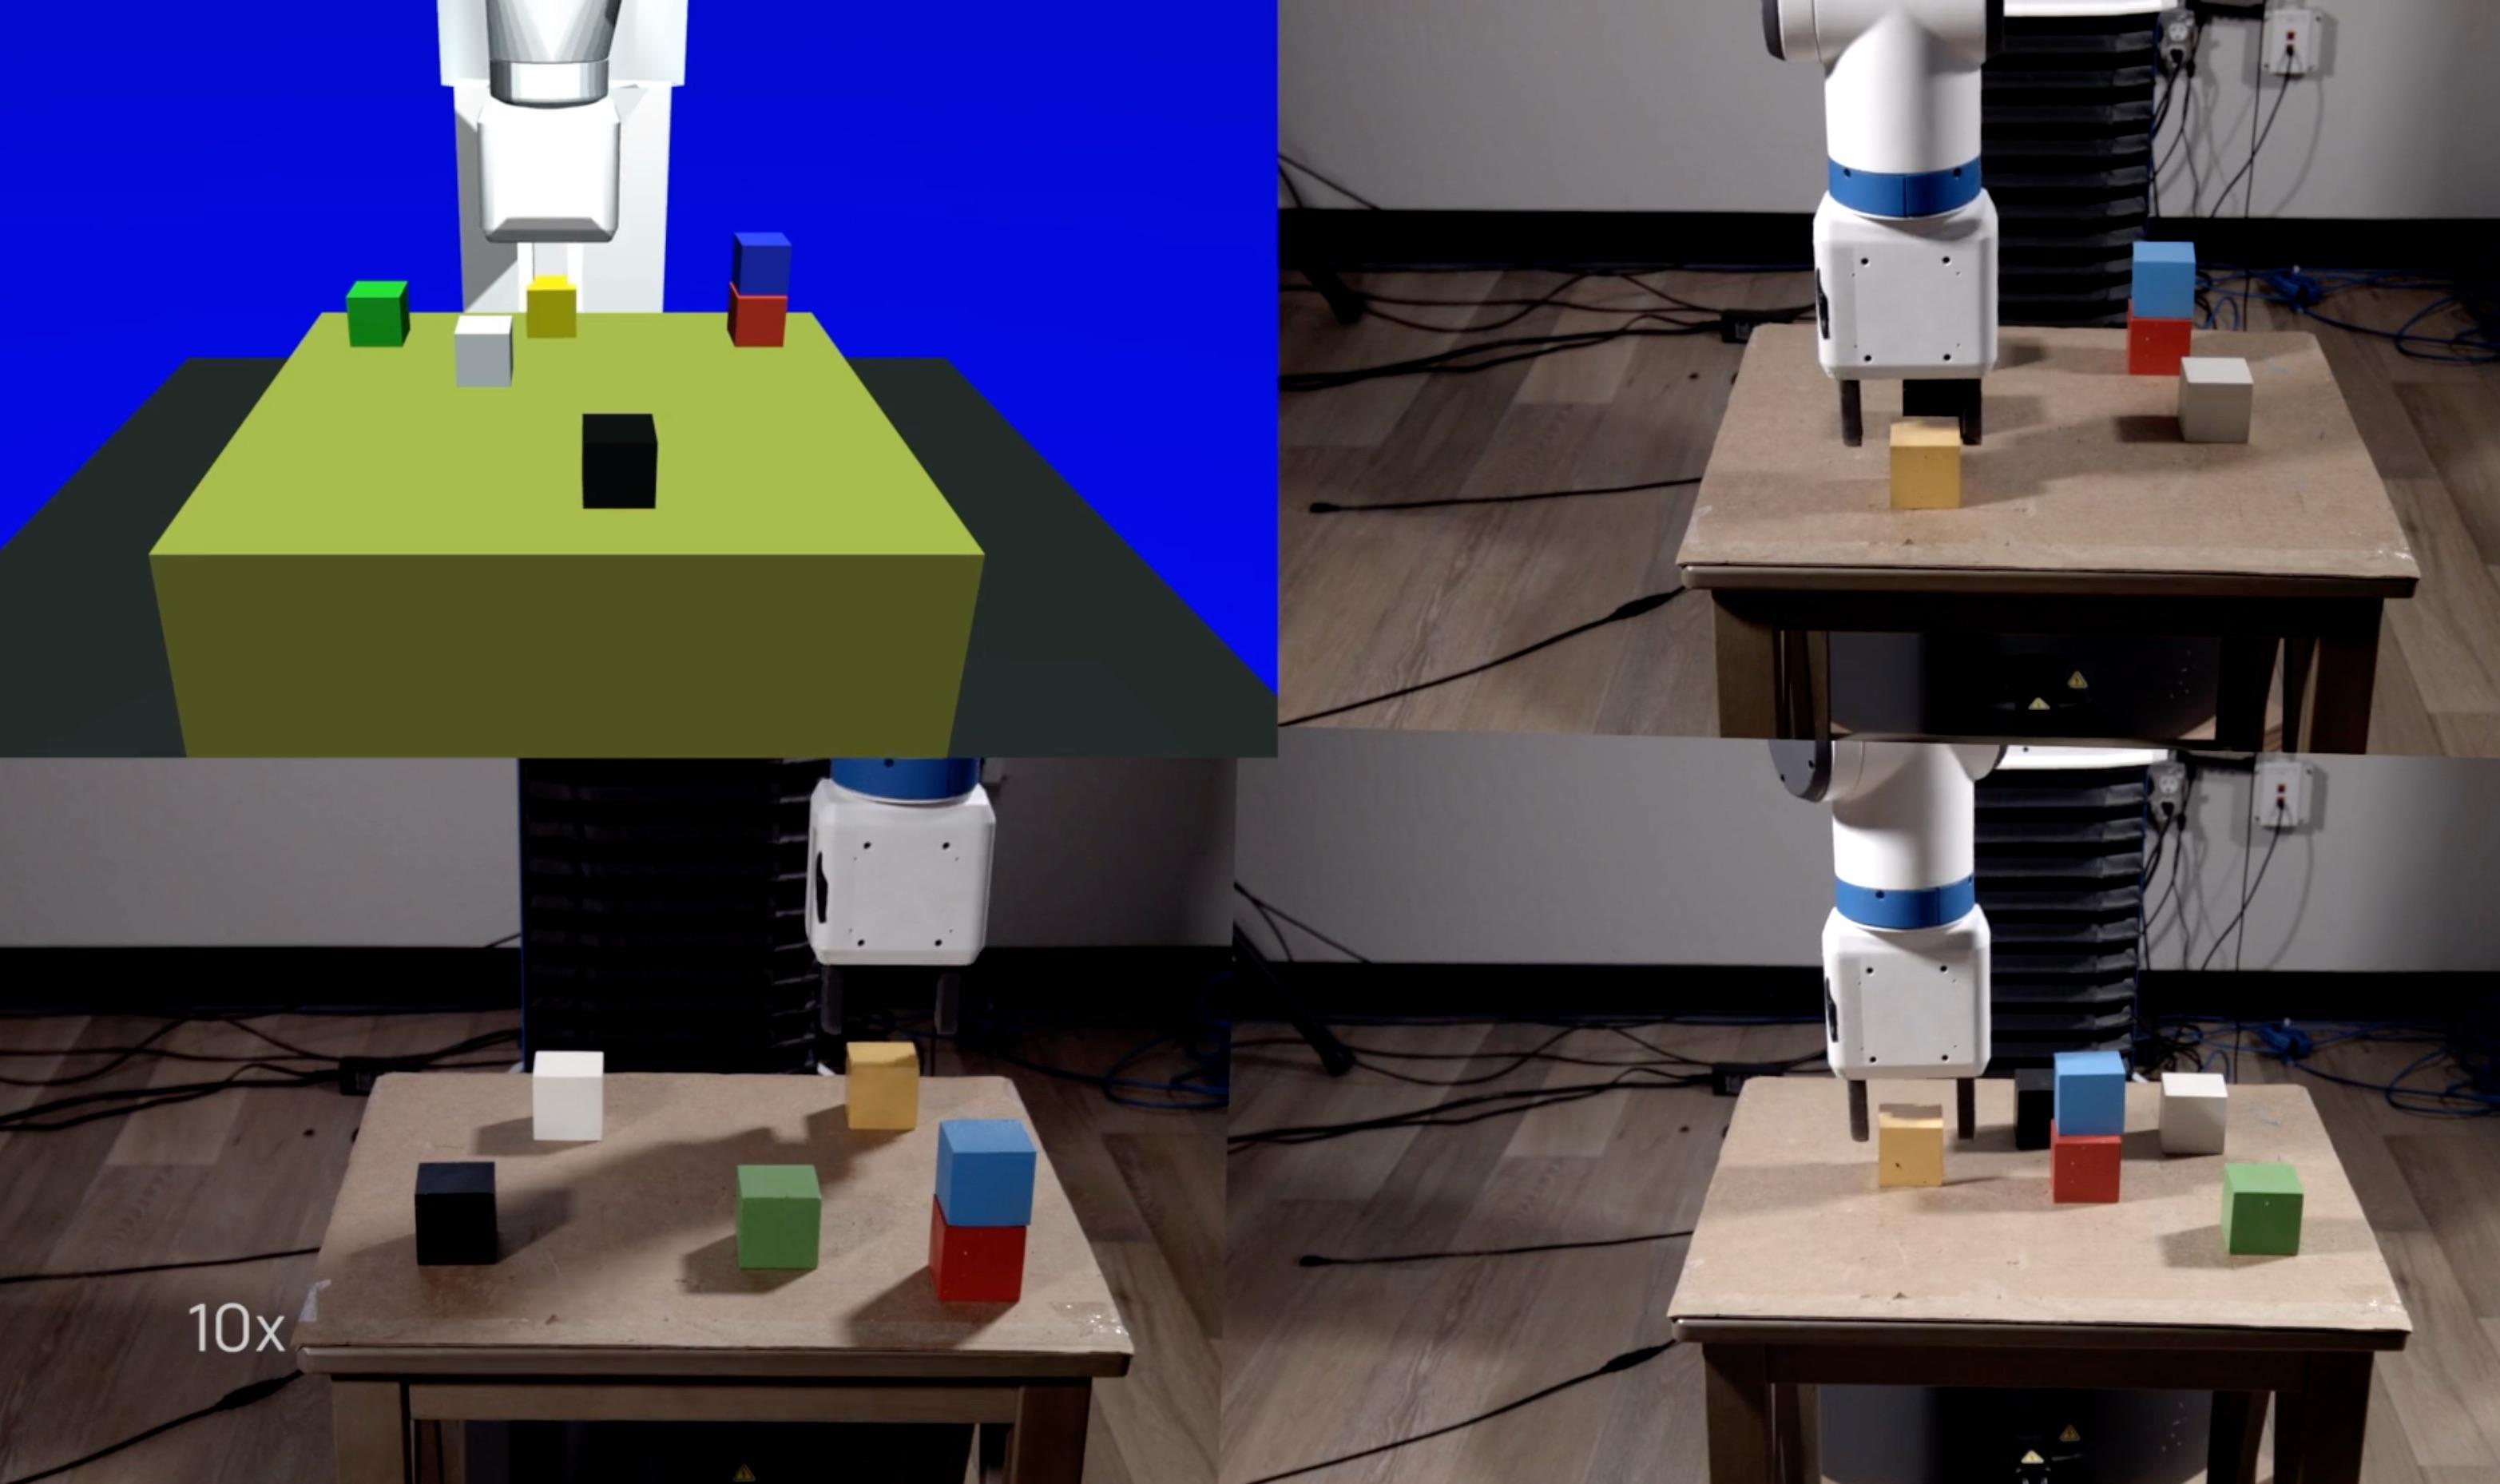 elon-musk-openai-robotors-stacking_demo